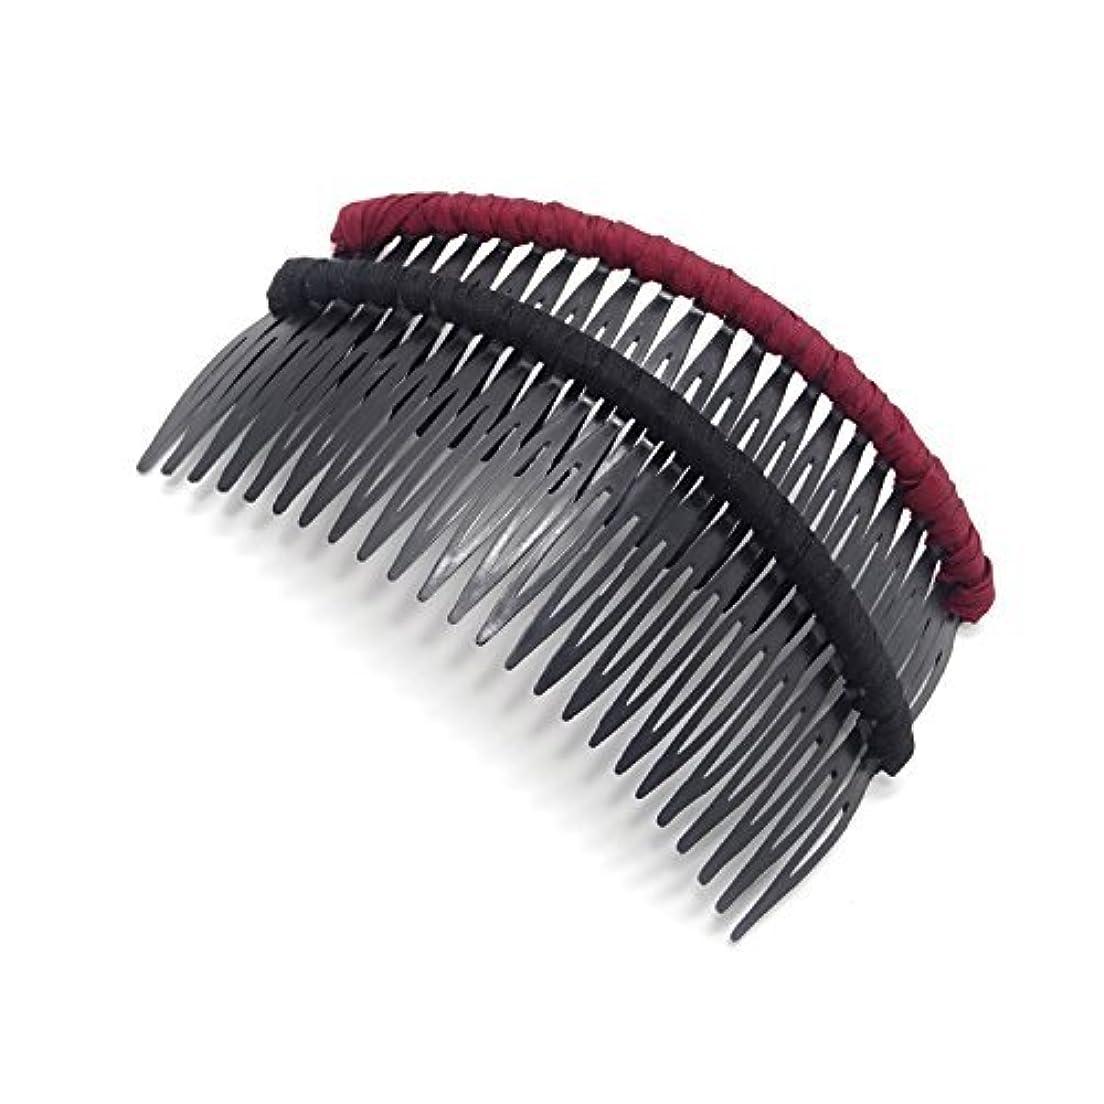 透過性ジョガーHonbay 2 PCS Different Color 24 Teeth Plastic Hair Comb Tuck Comb Hair Clip Hair Accessory for Women and Girls...